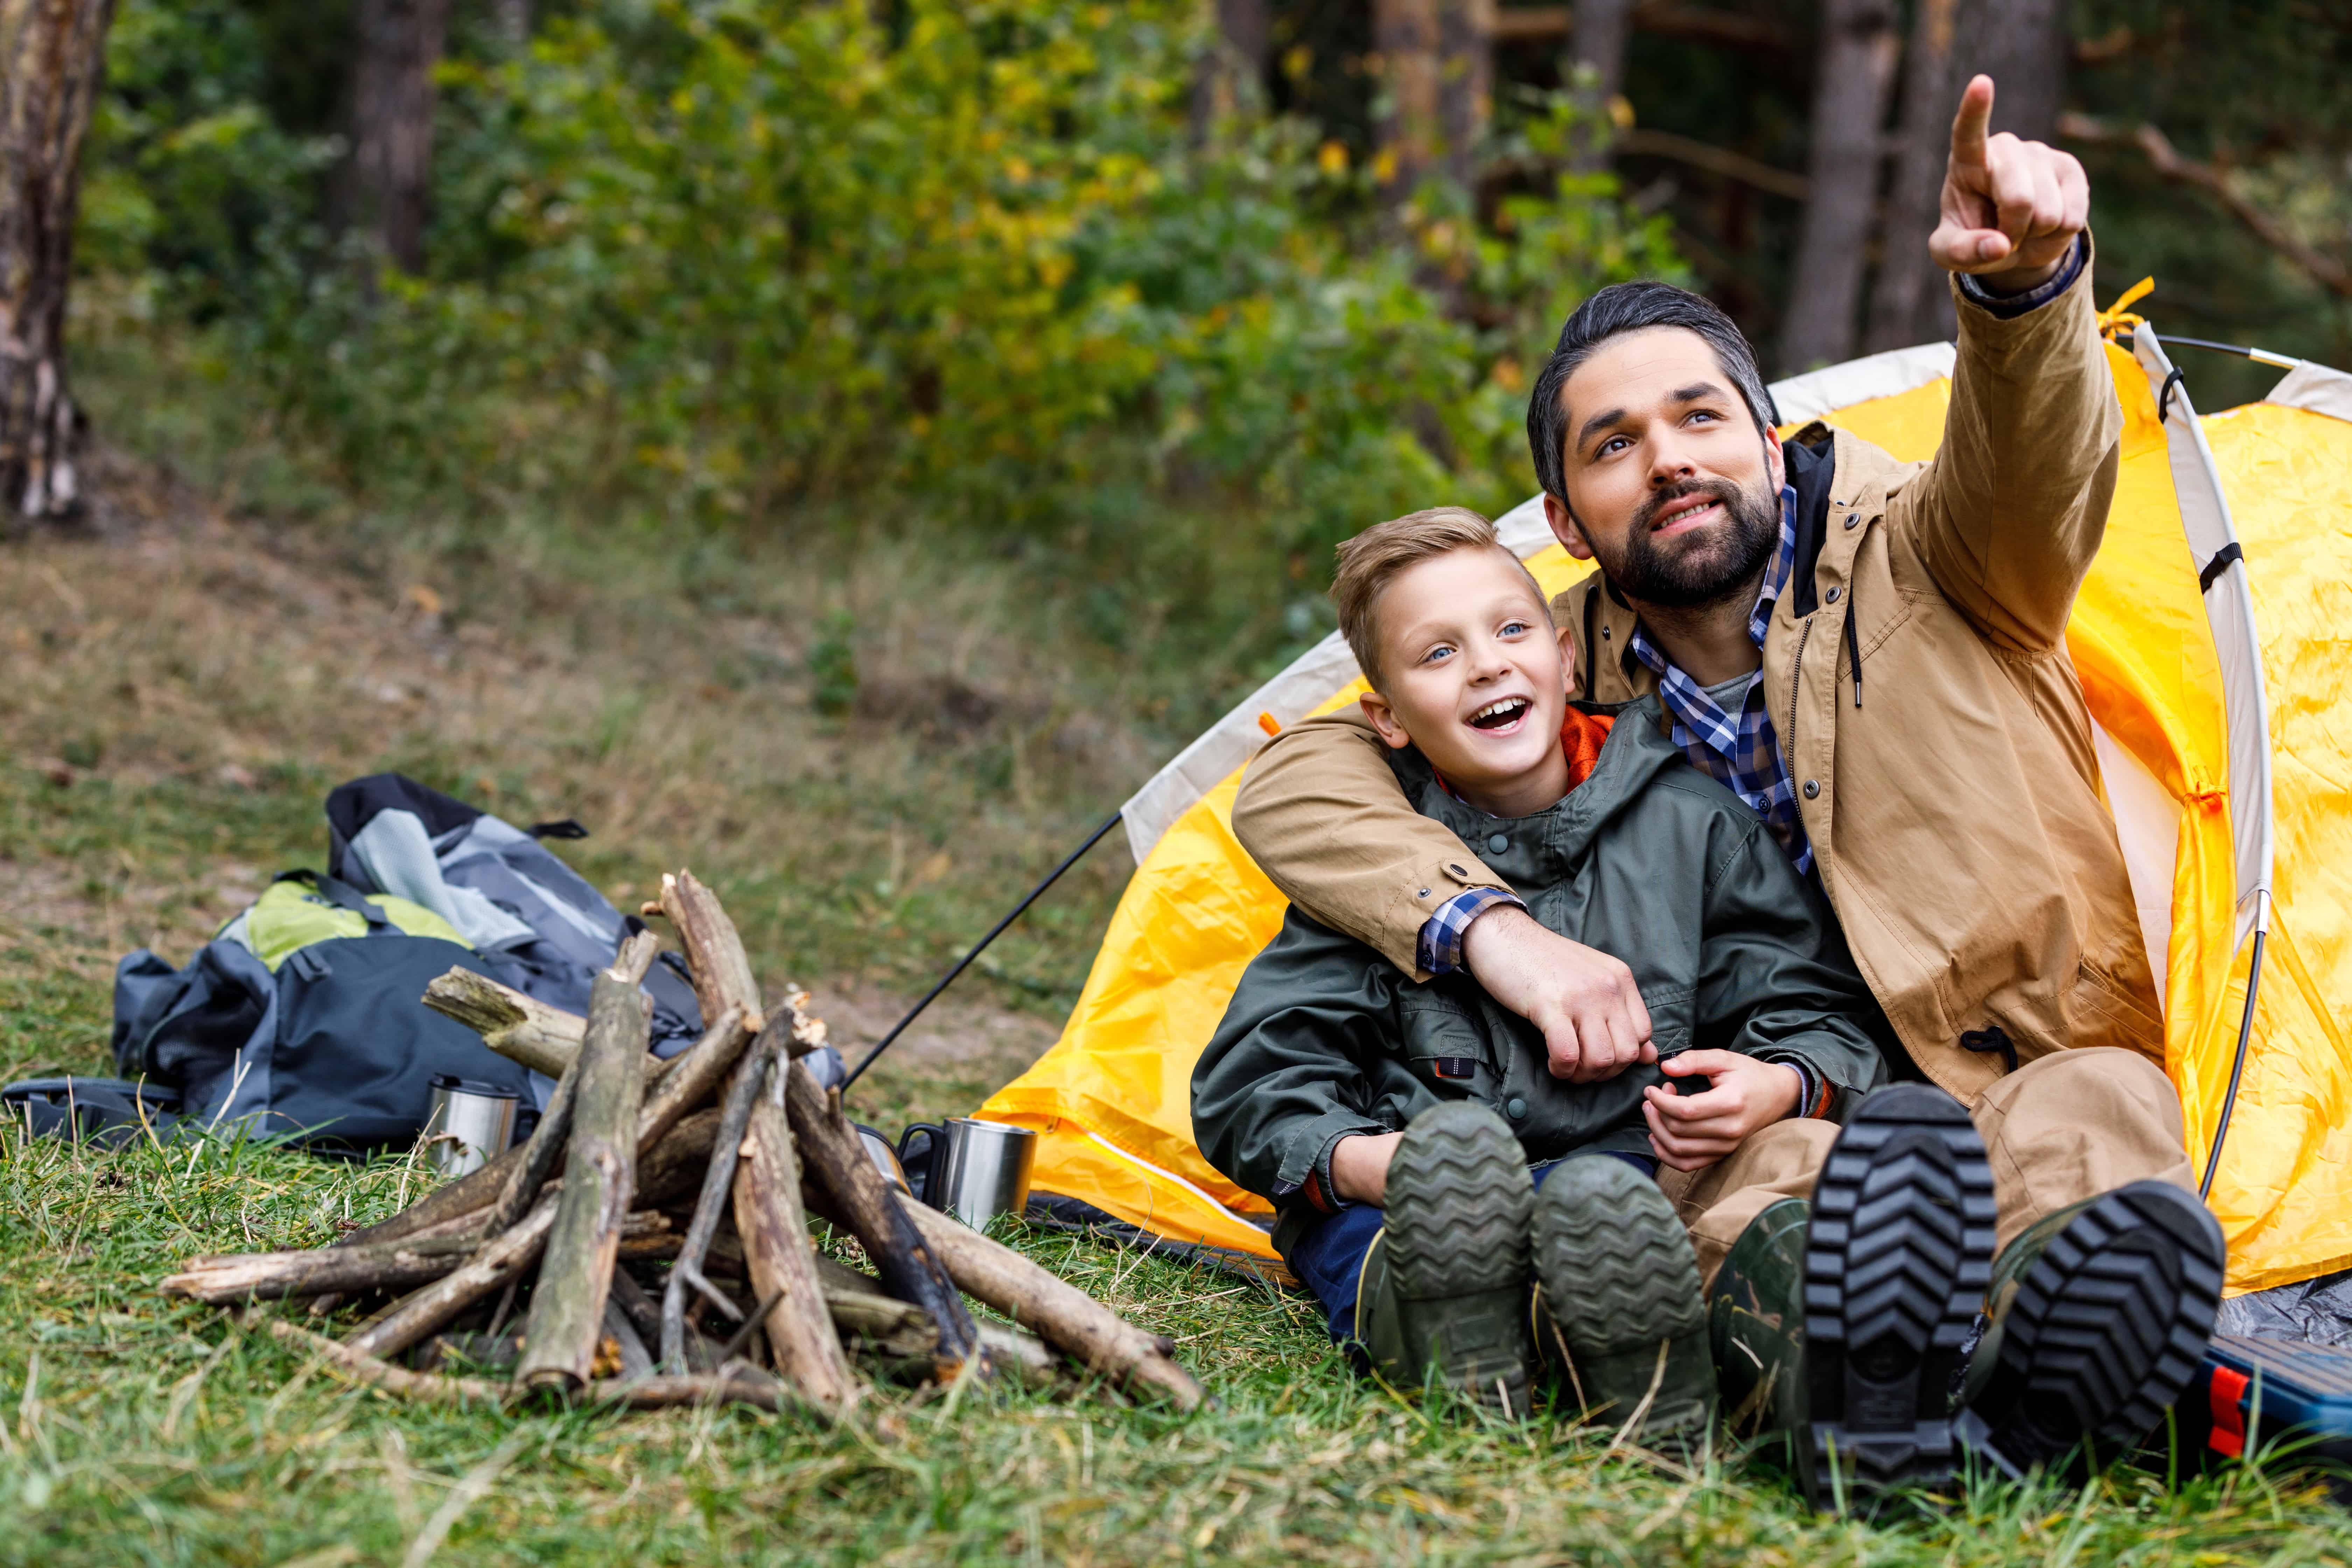 family camping getaway